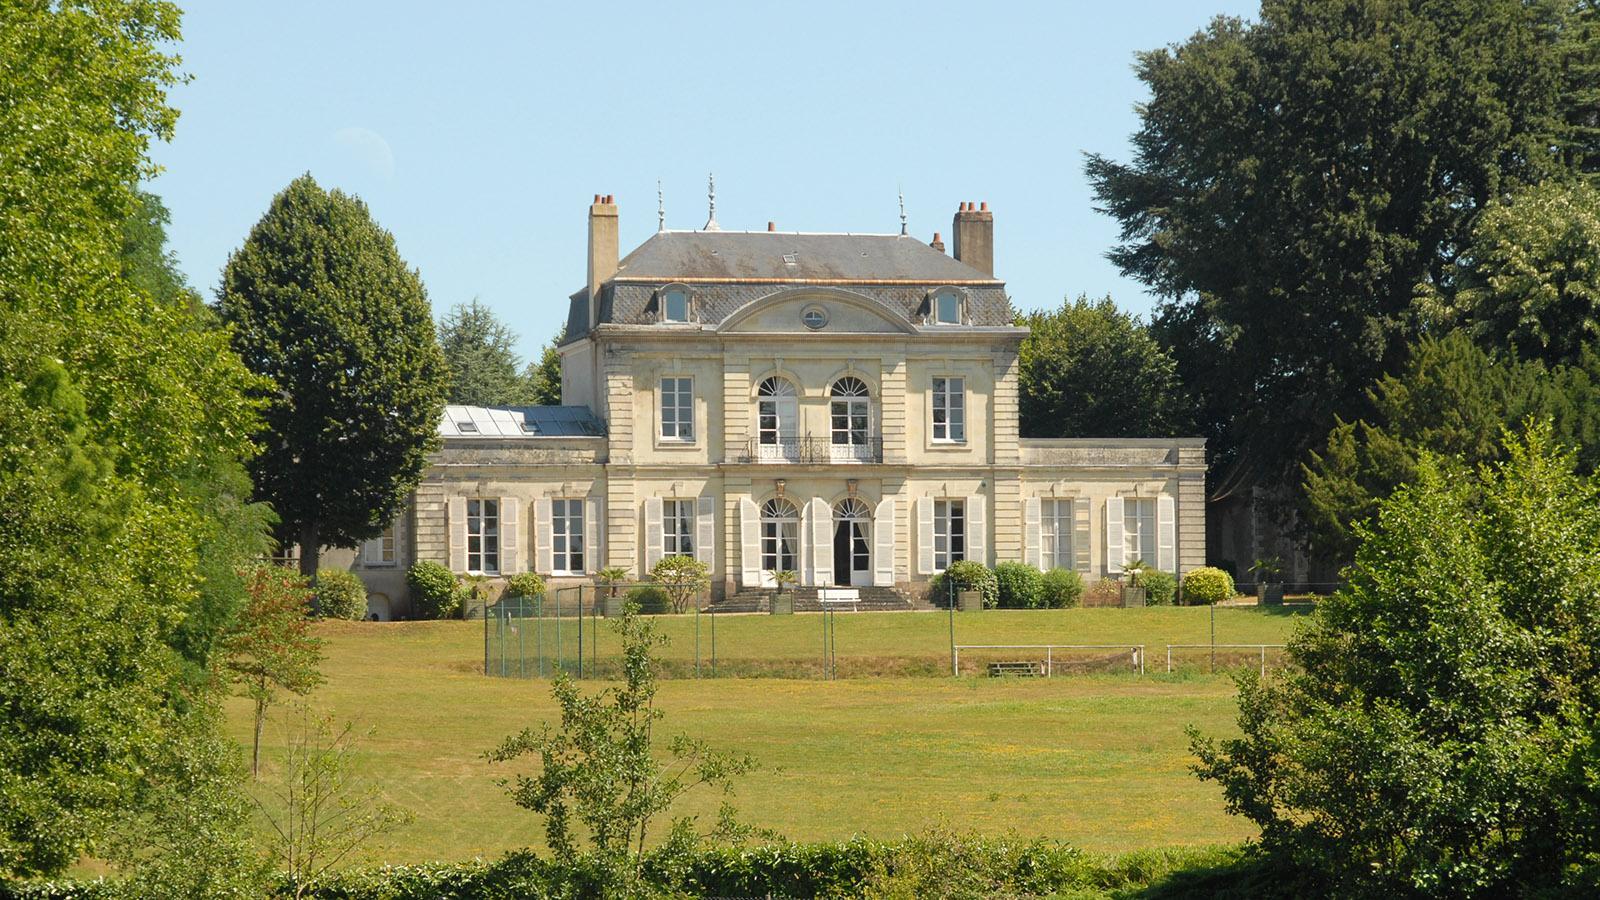 Nantes: Landsitz am Erdre. Foto: Hilke Maunder